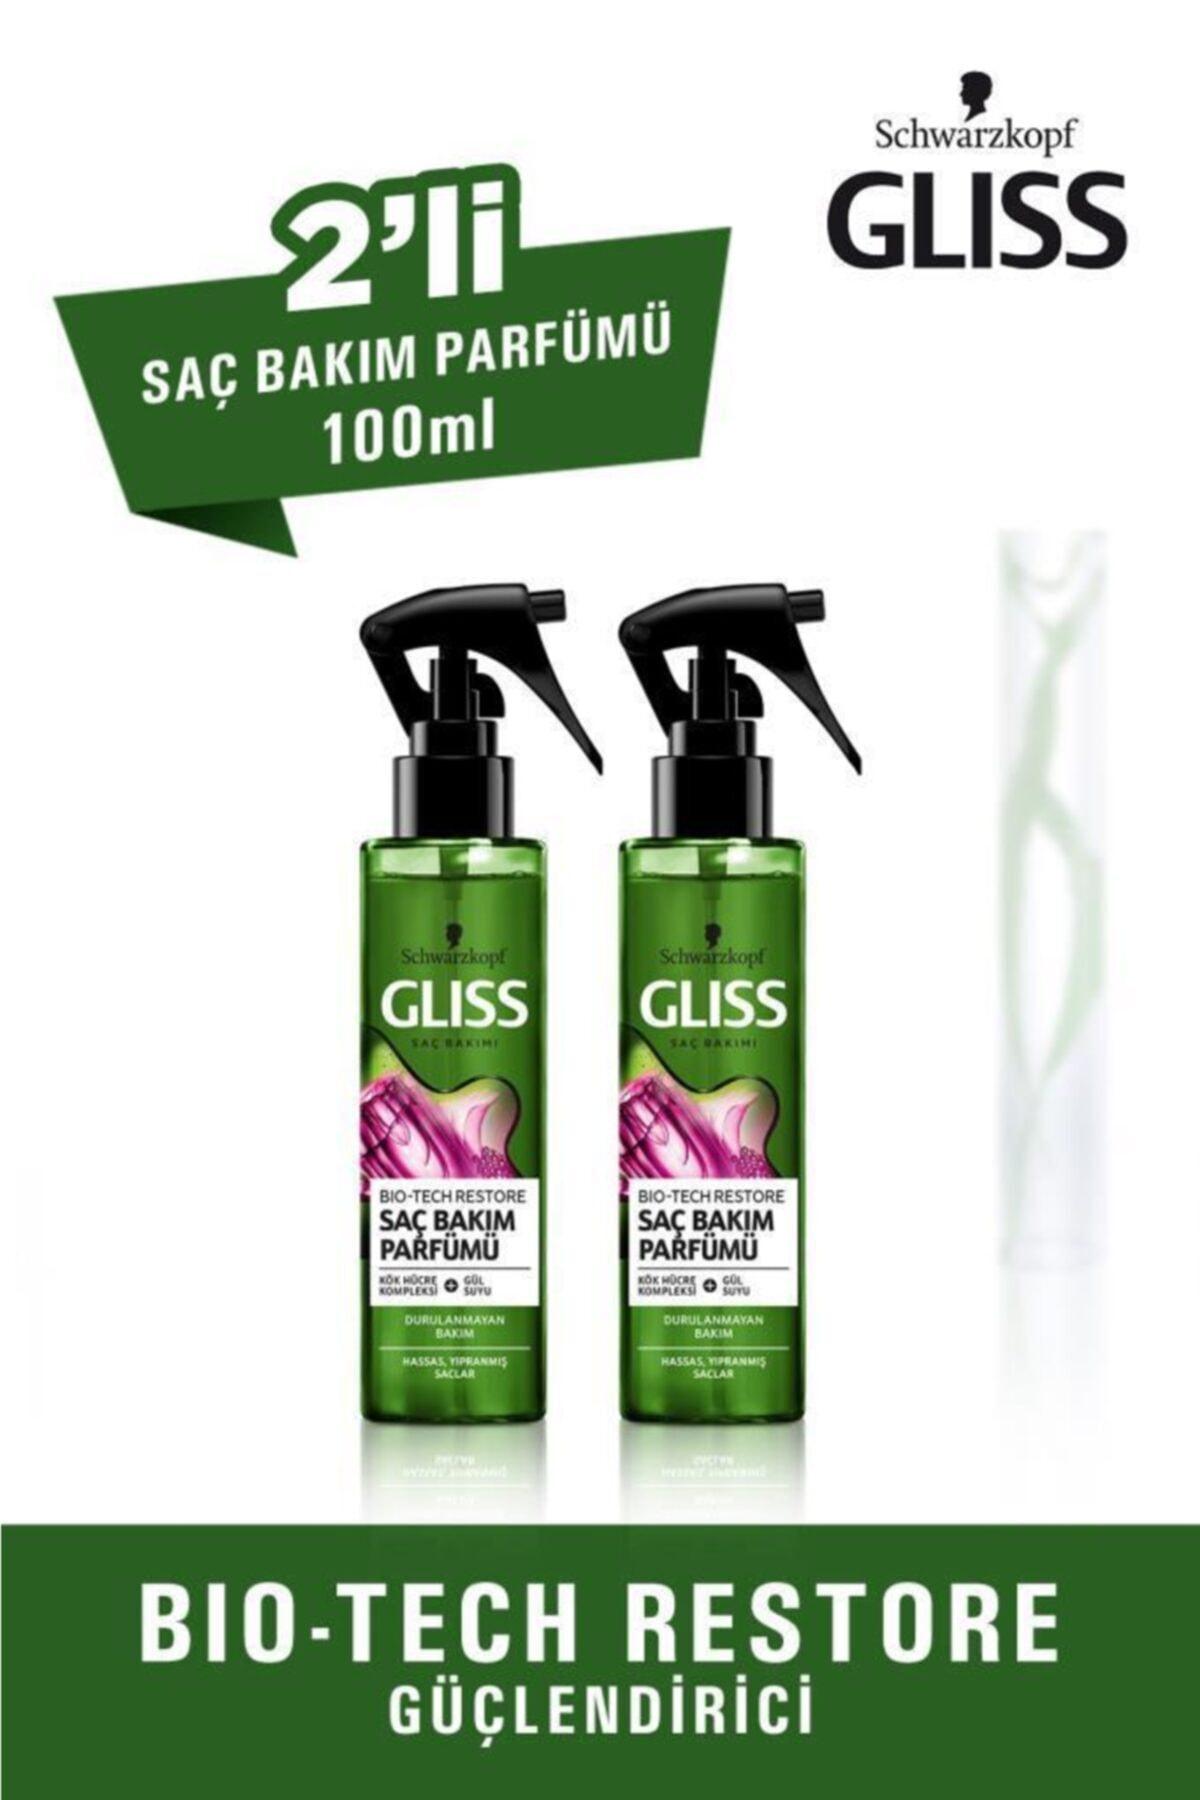 Bio-tech Saç Bakım Parfümü 100 ml 2'li